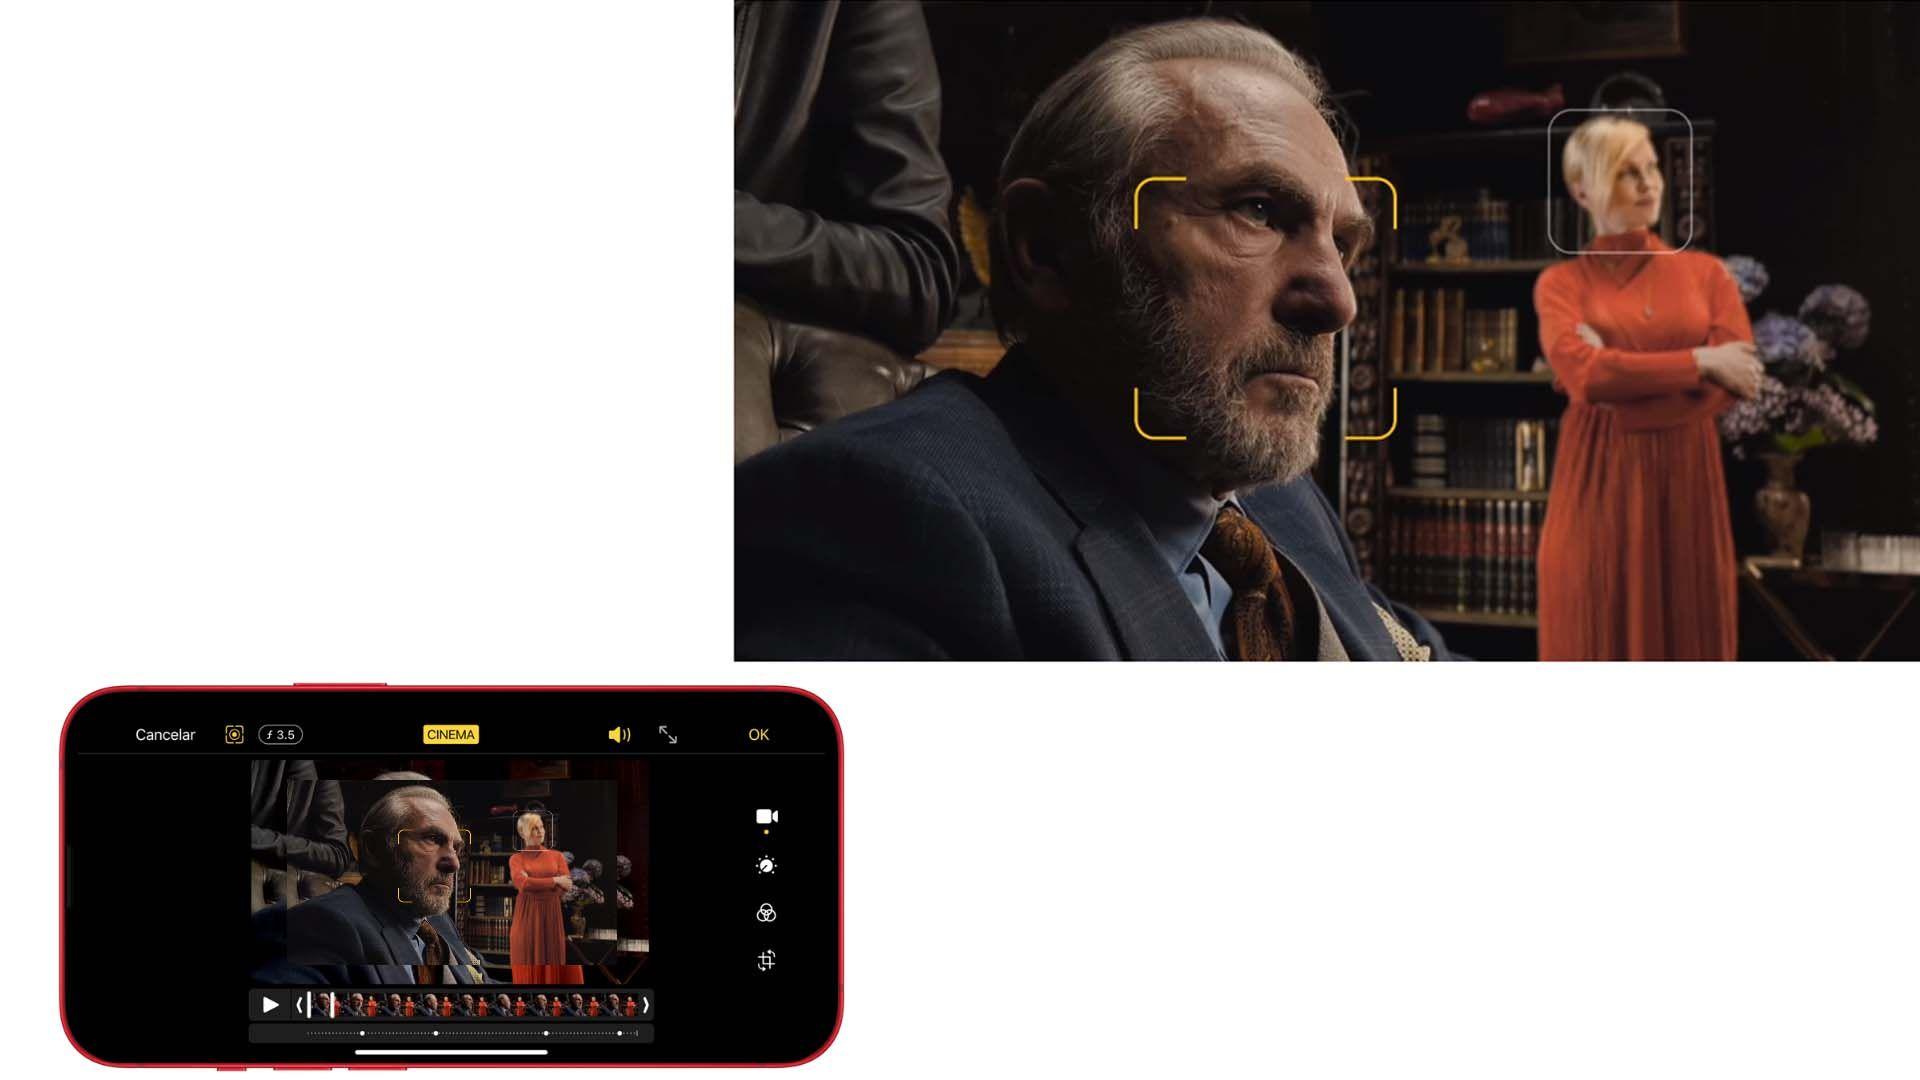 Imagem para mostrar o Modo Cinema do iPhone 13 Mini